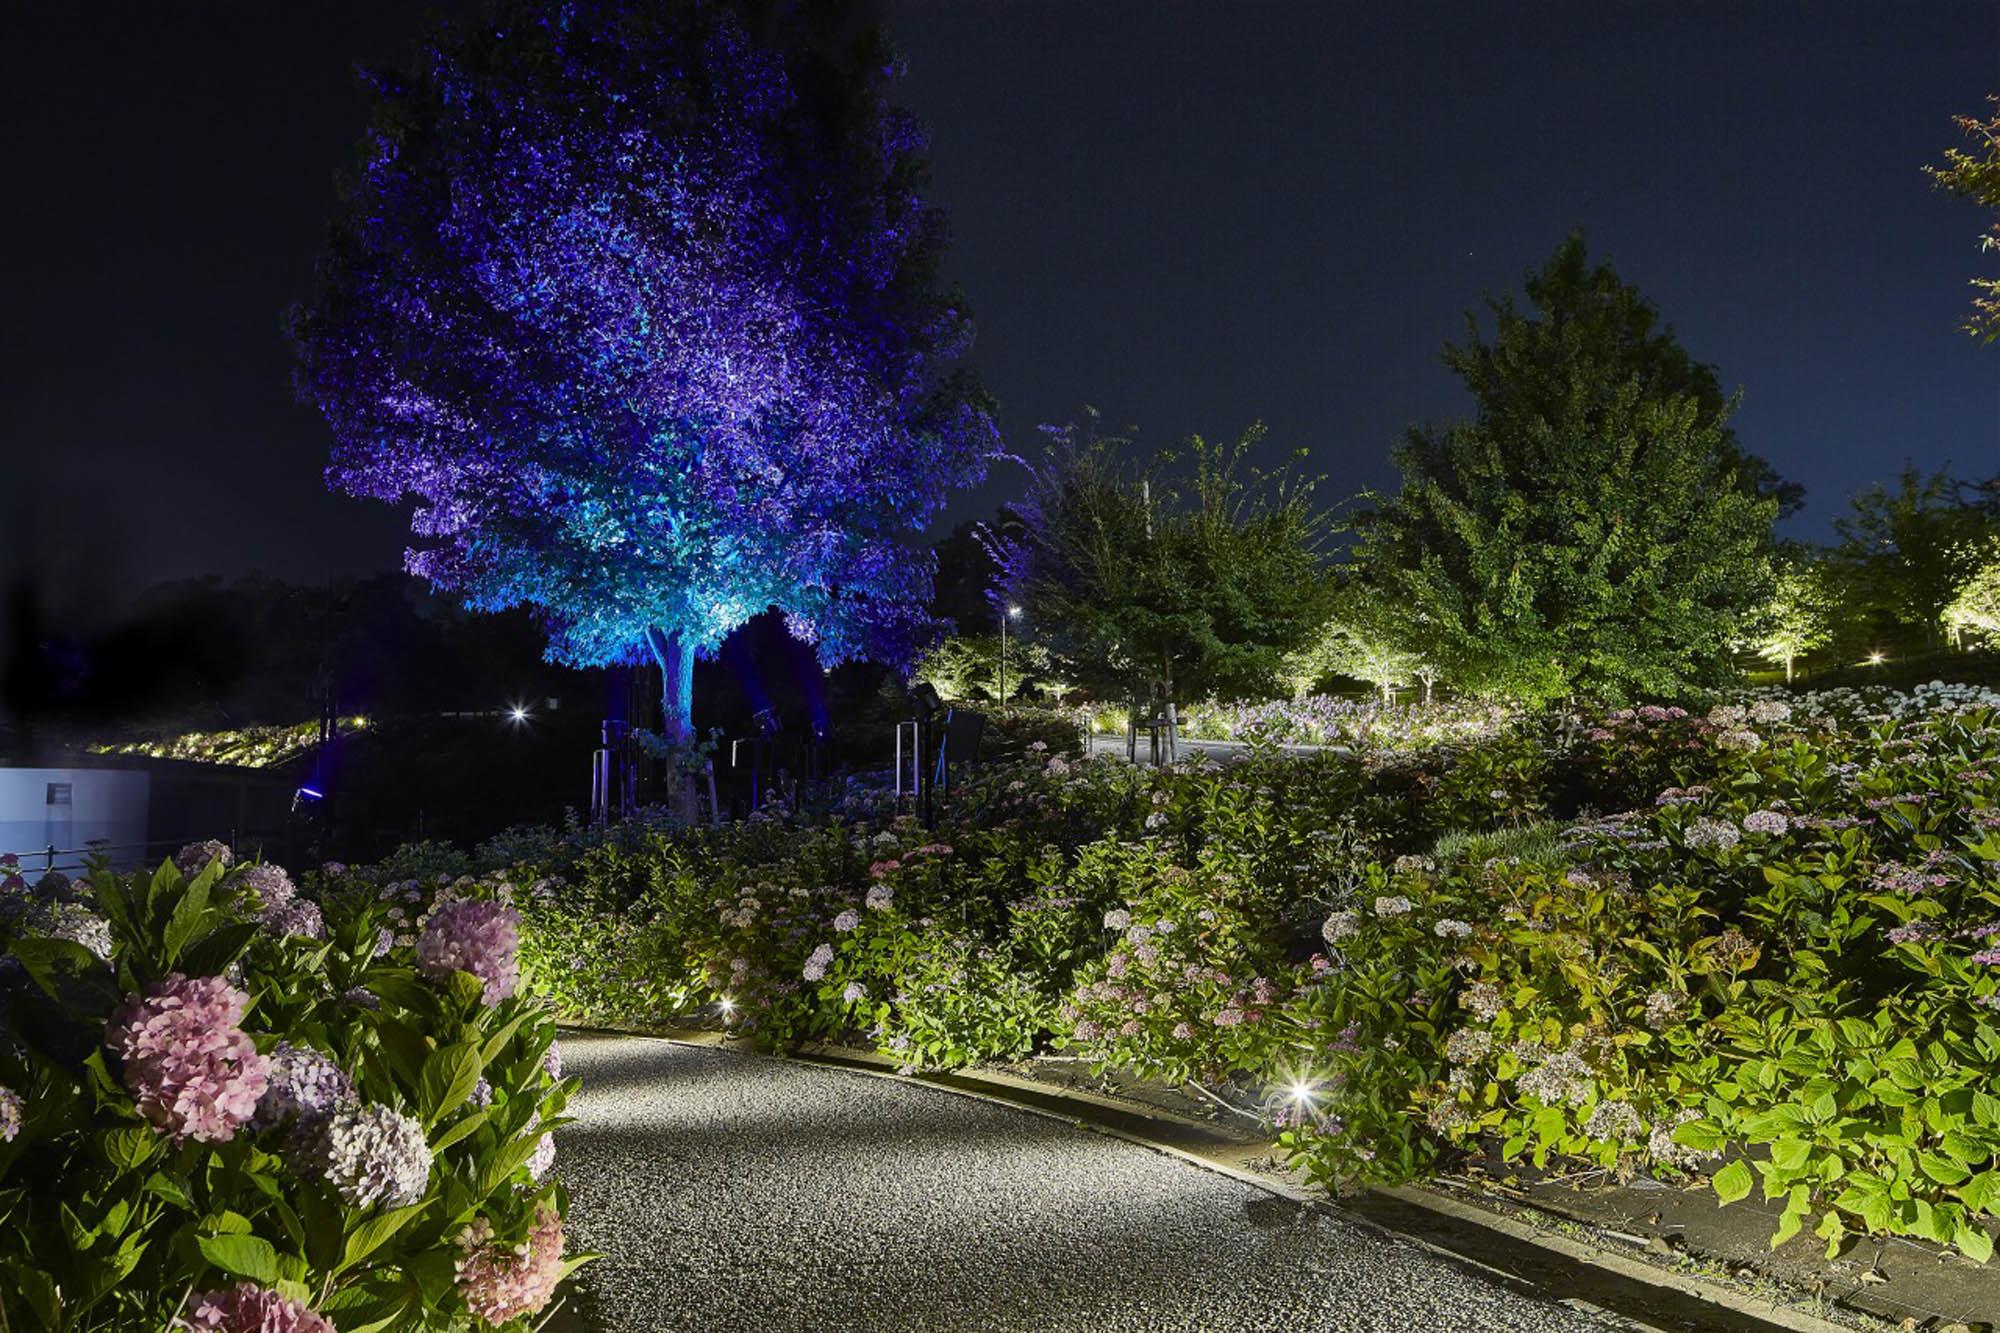 しらとりの郷のシンボルツリーをカラーライティングしている写真